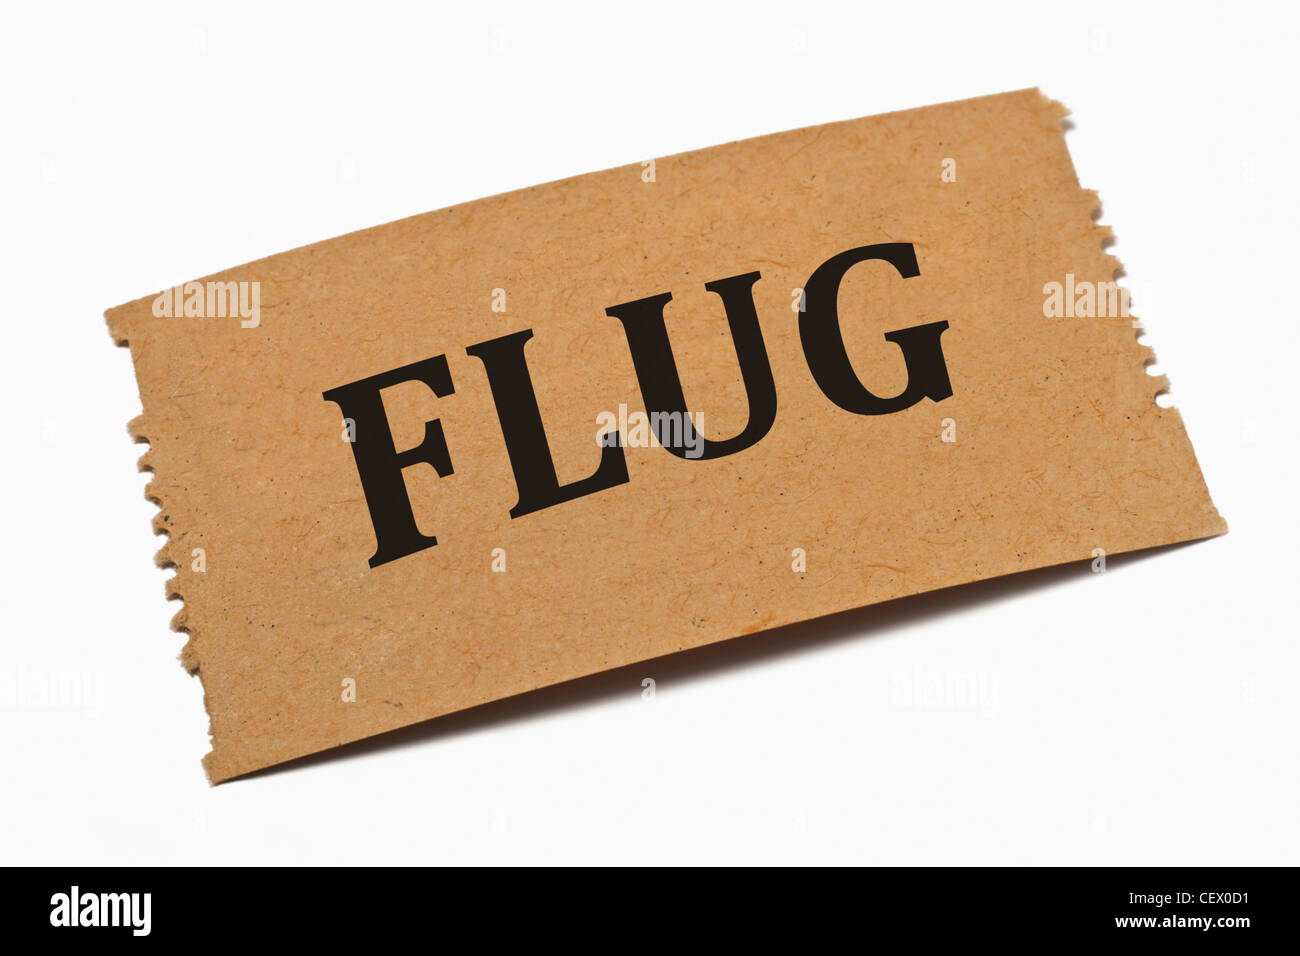 Detailansicht einer Karte aus Papier mit der Aufschrift Flug | Detail photo of a paper card with the inscription - Stock Image